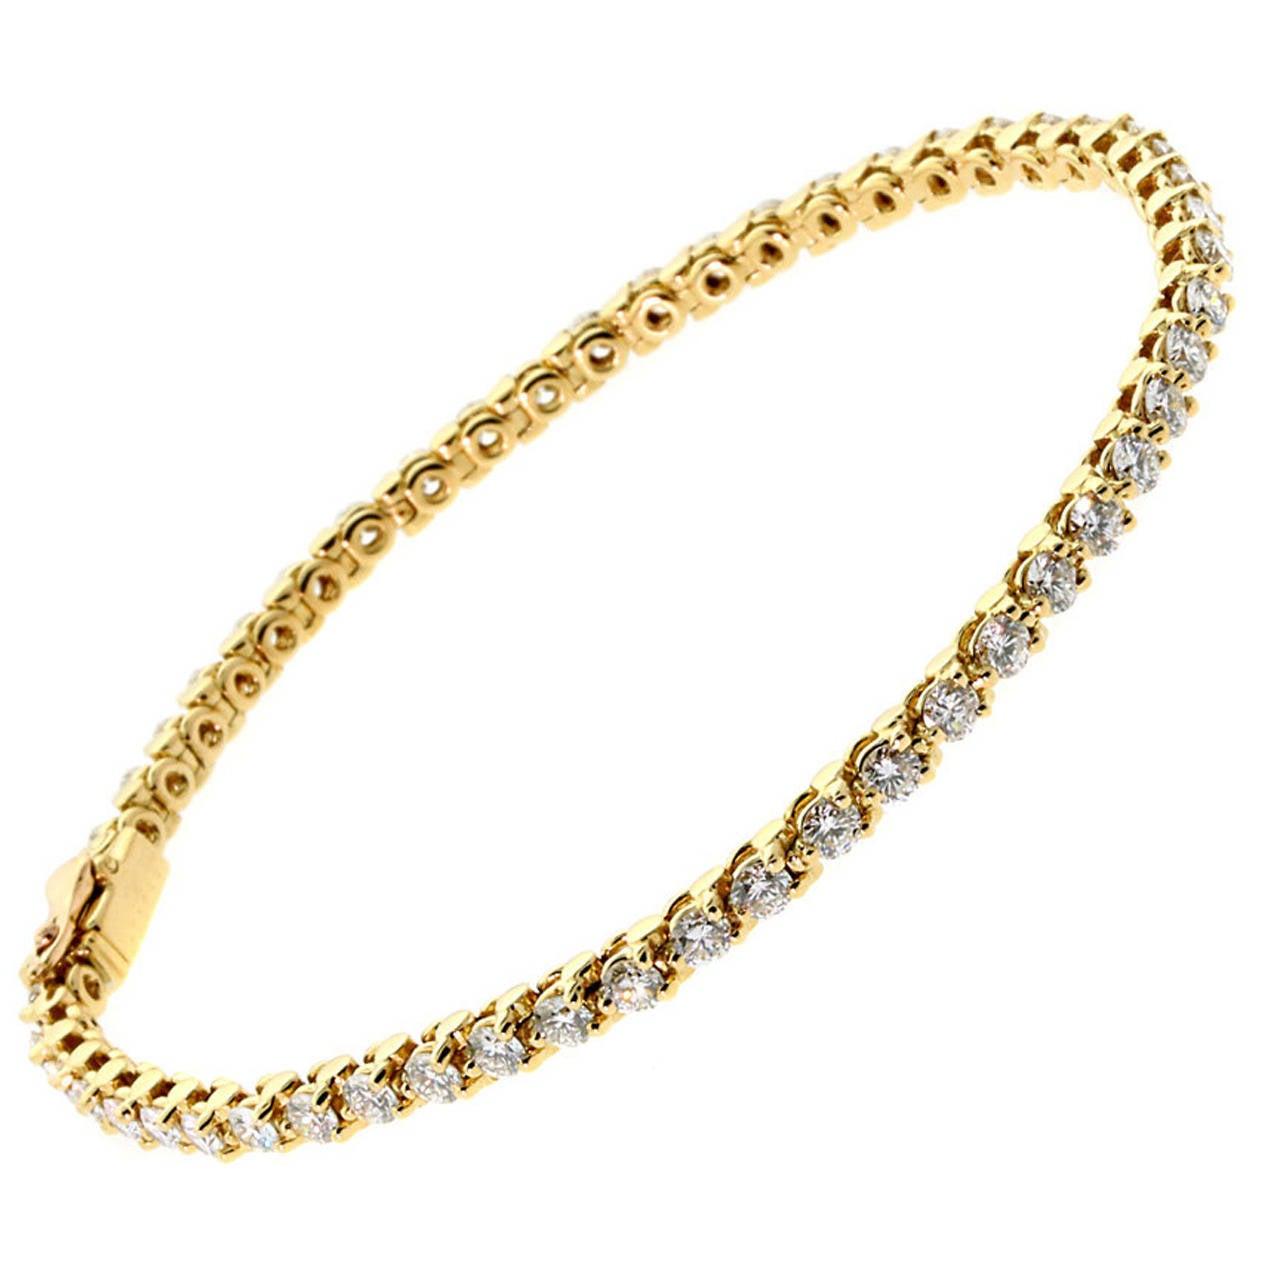 cartier gold tennis bracelet at 1stdibs